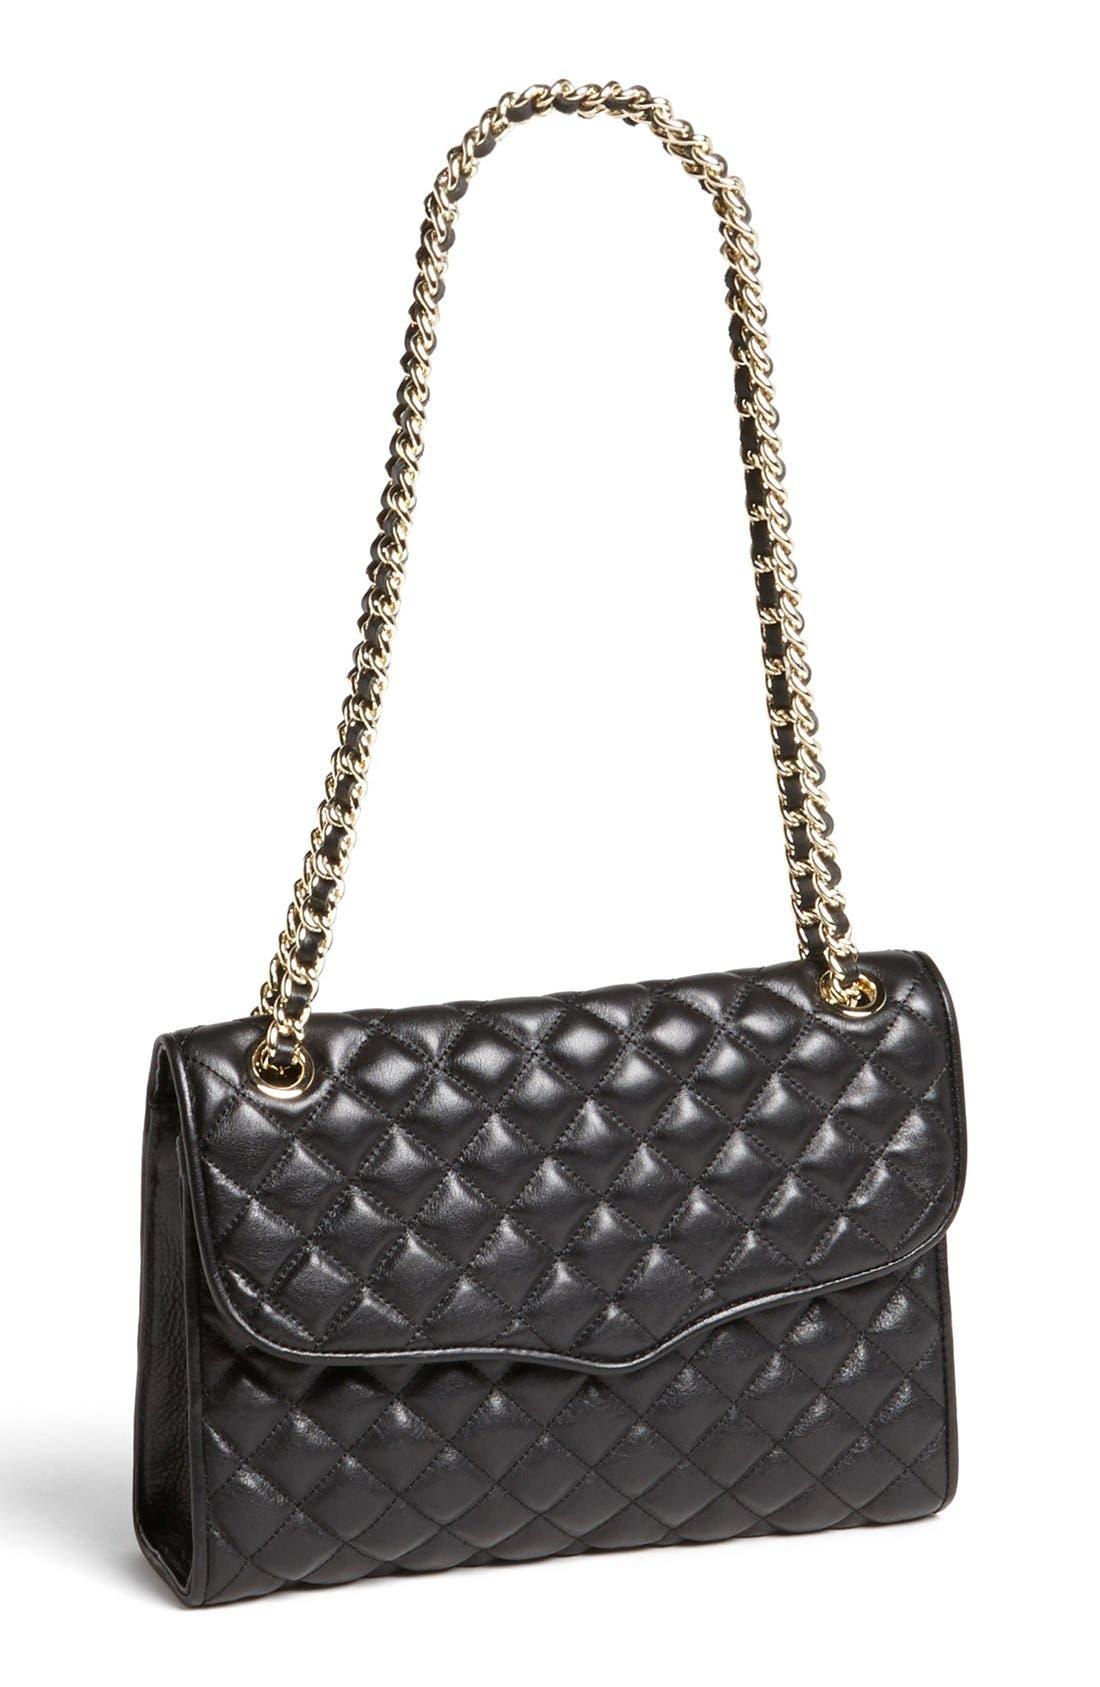 Main Image - Rebecca Minkoff 'Quilted Affair' Shoulder Bag